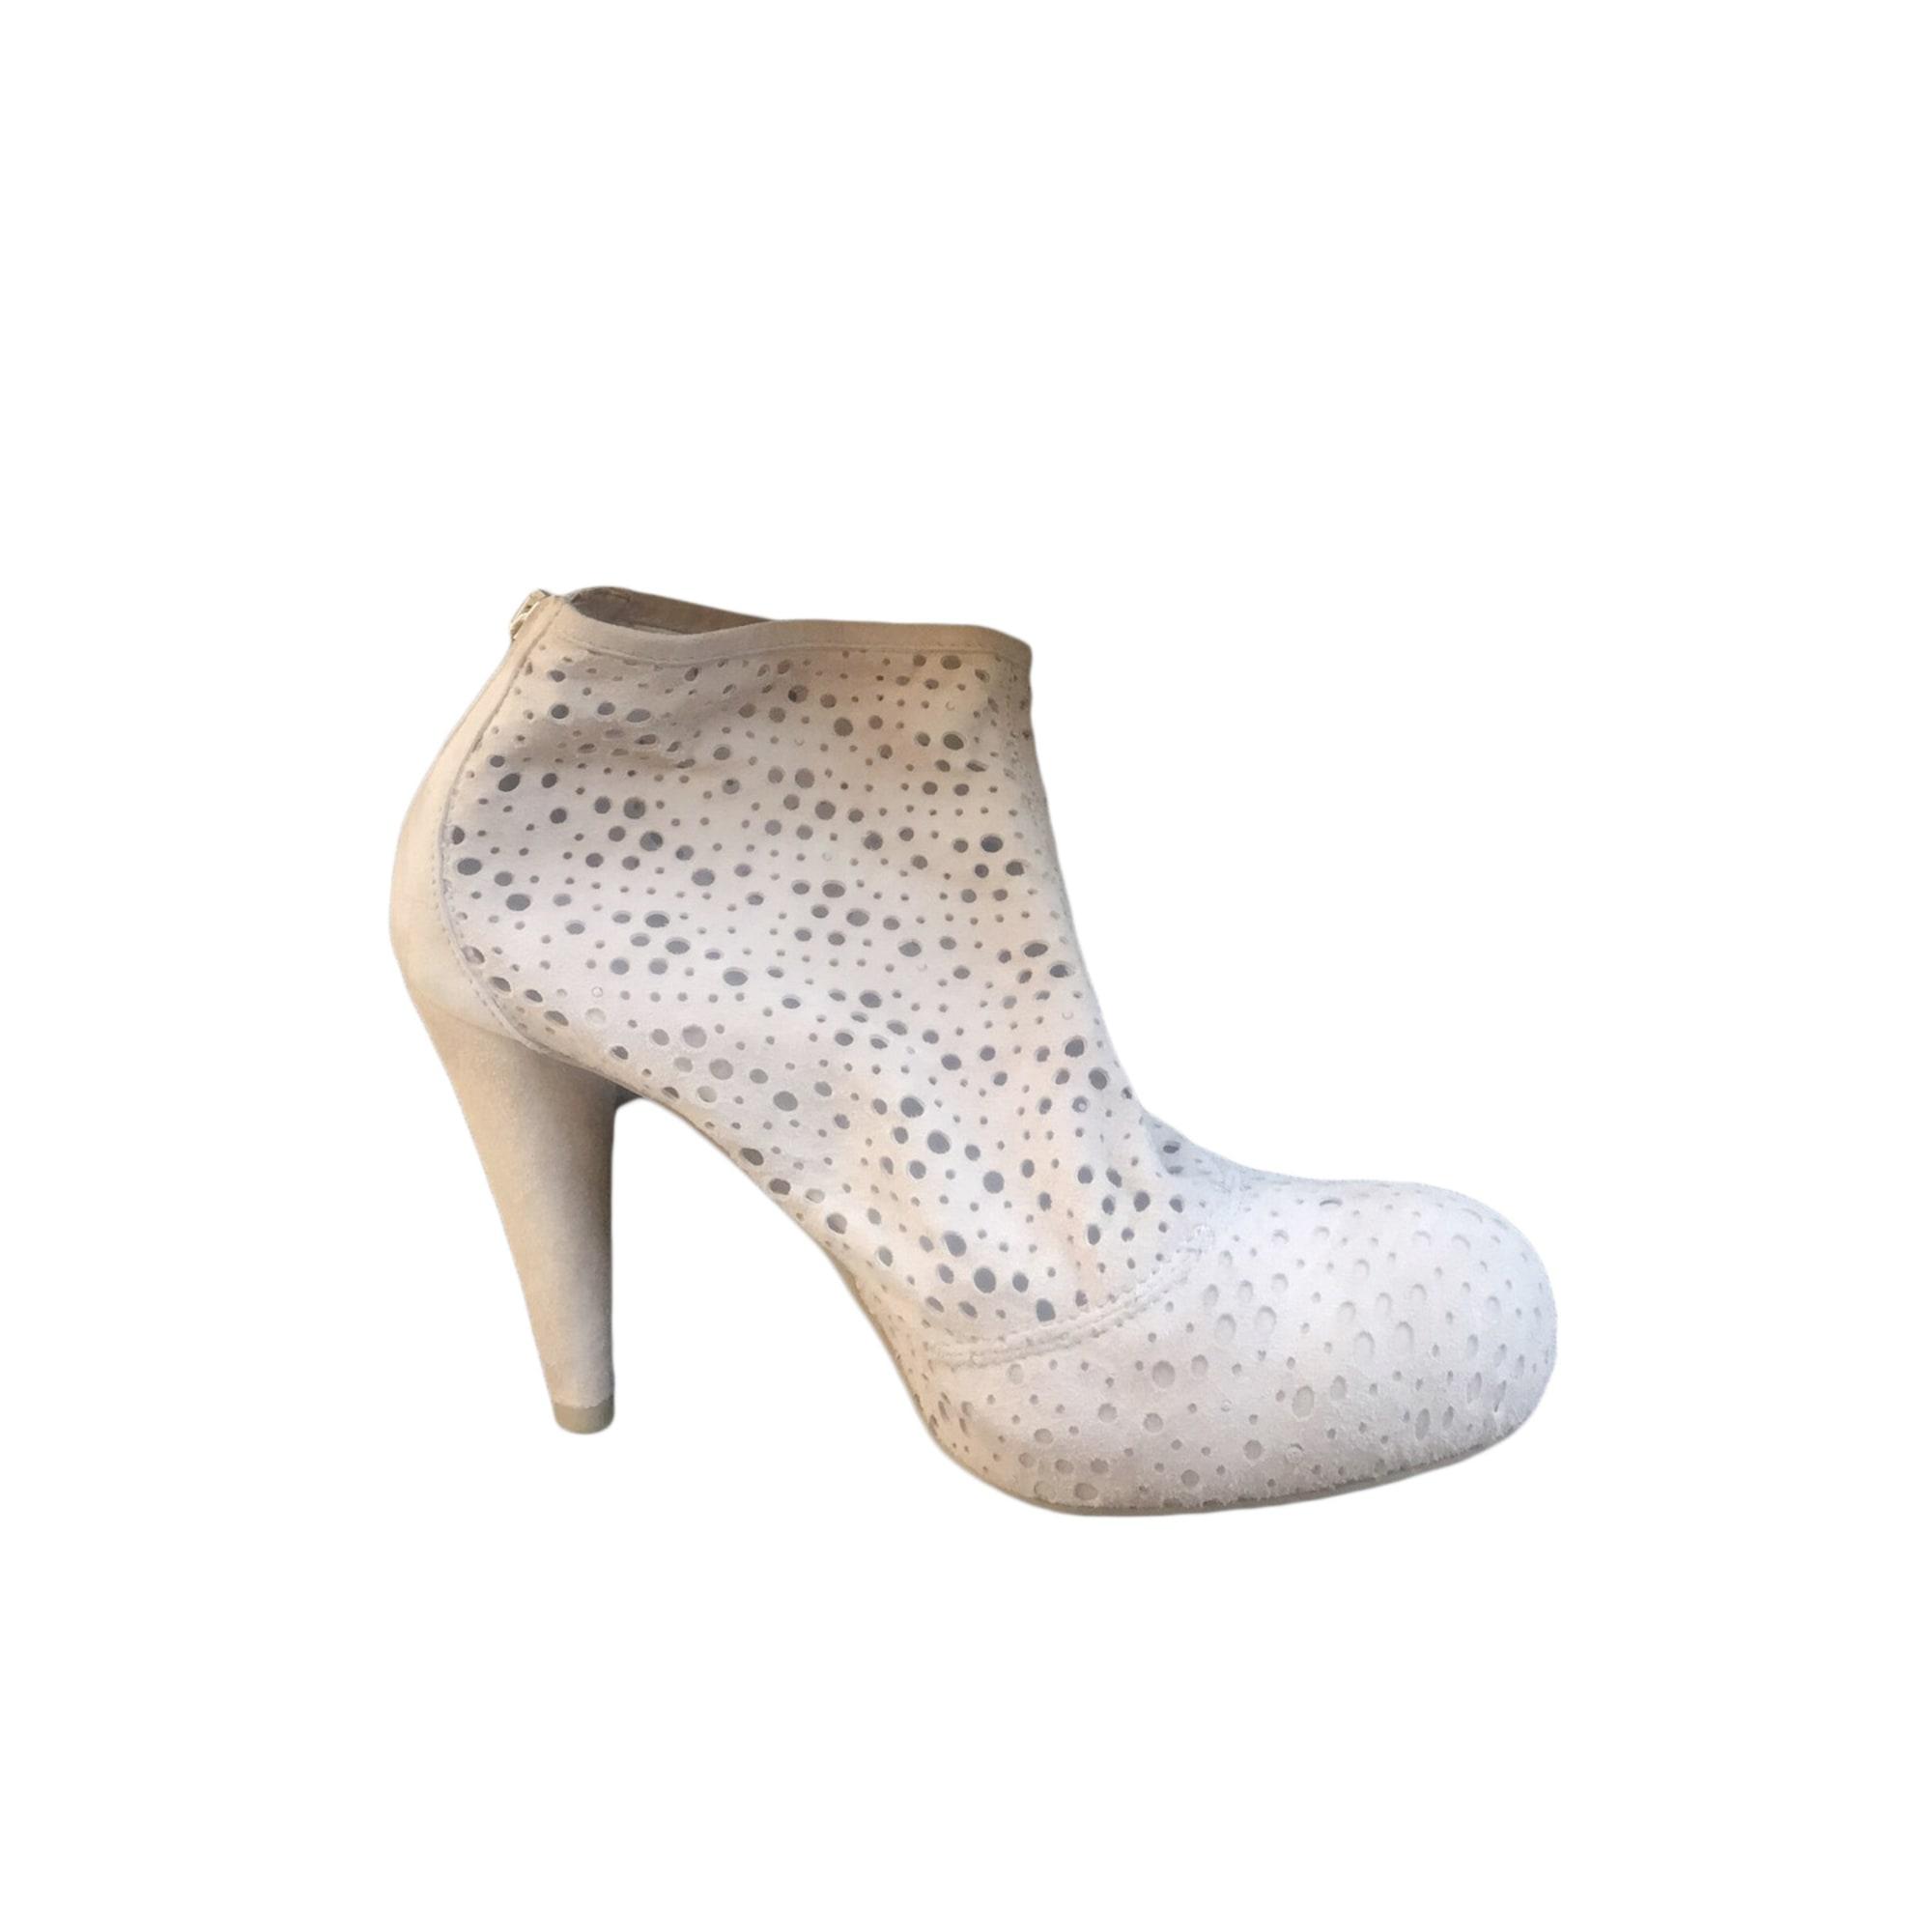 Bottines & low boots à talons VIC MATIÉ Blanc, blanc cassé, écru